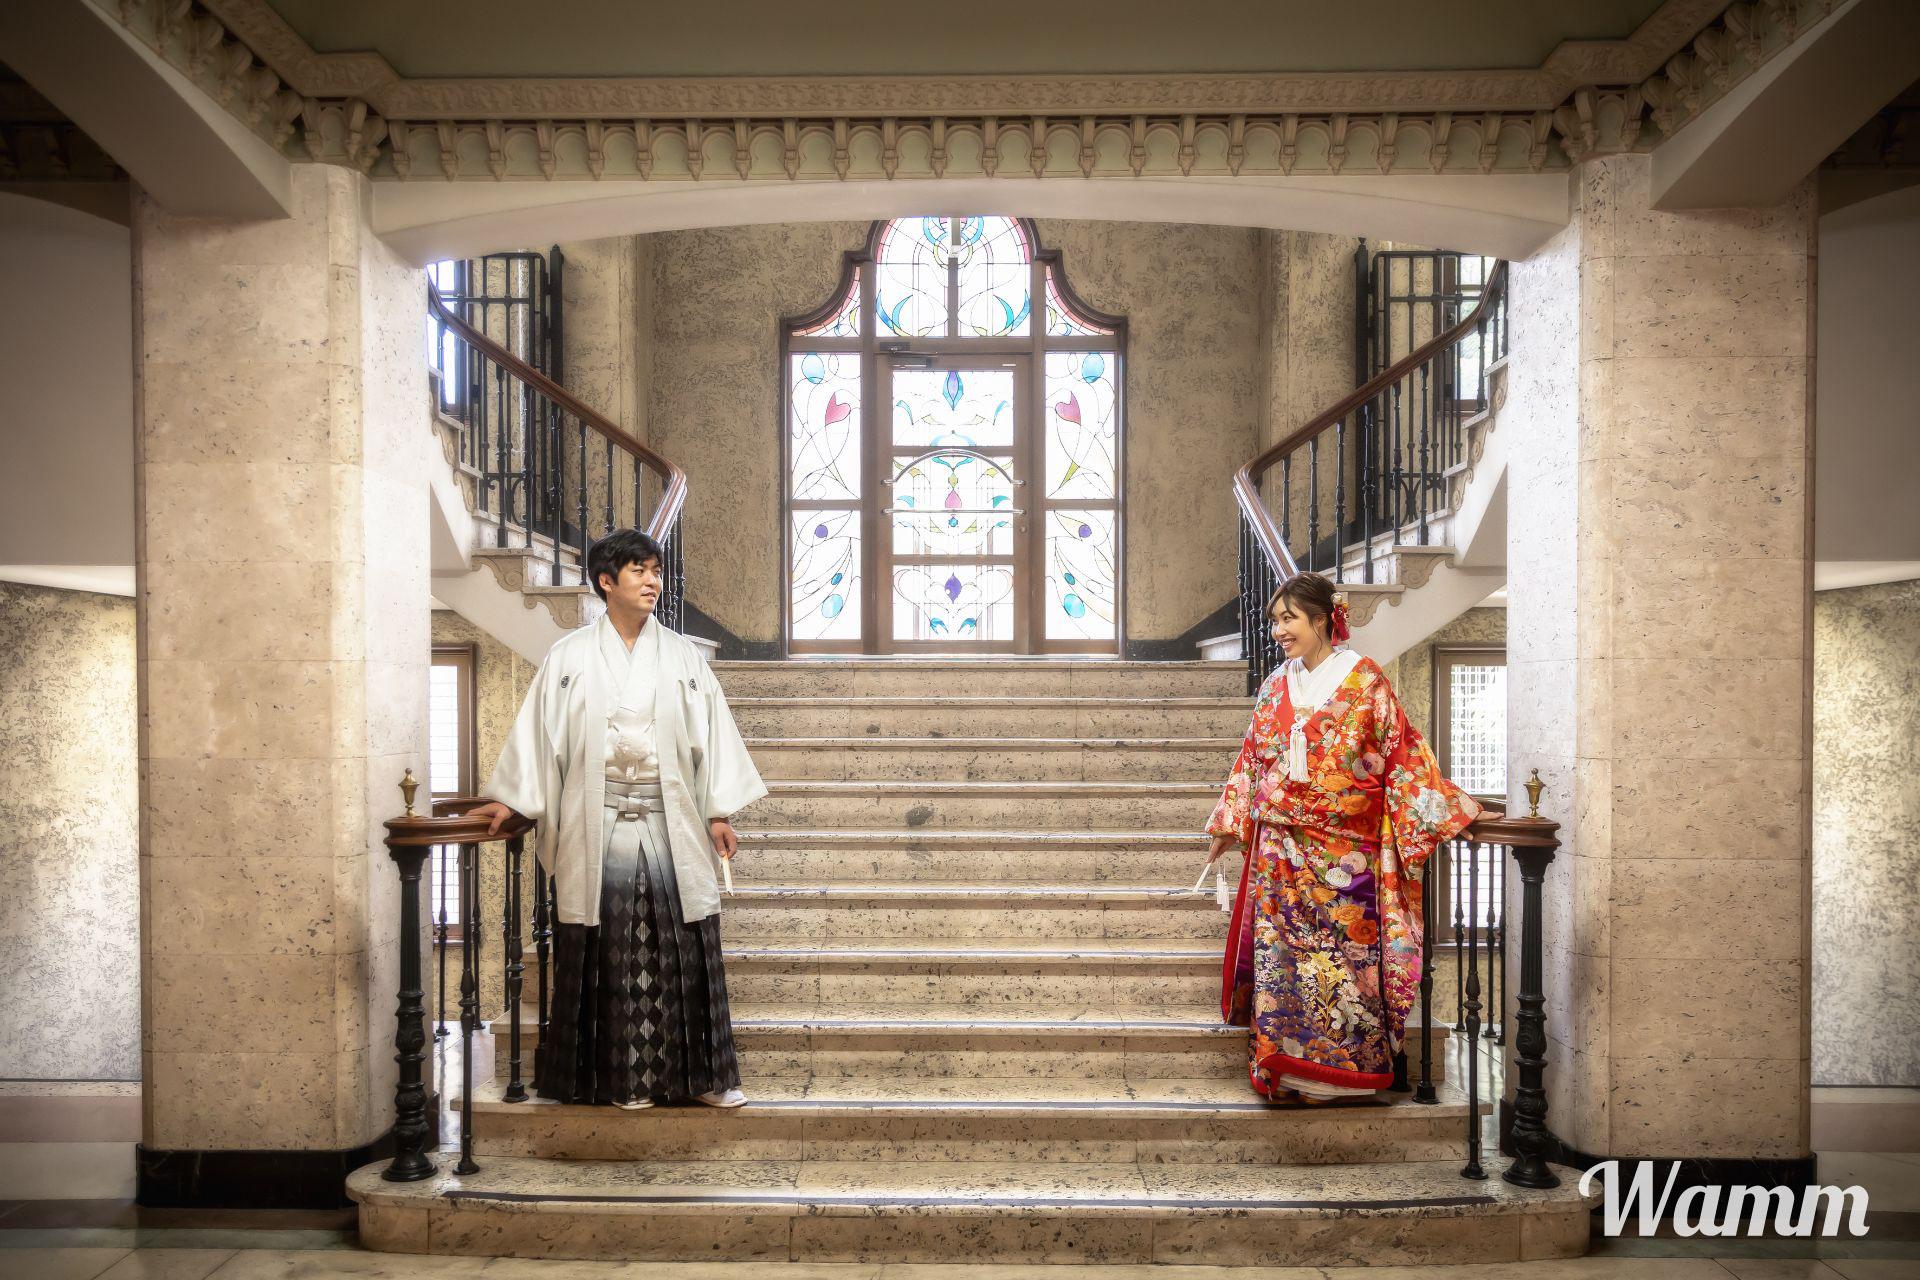 【静岡・静岡市役所本館】静岡でフォトウェディングなら洋装和装問わずおすすめの施設